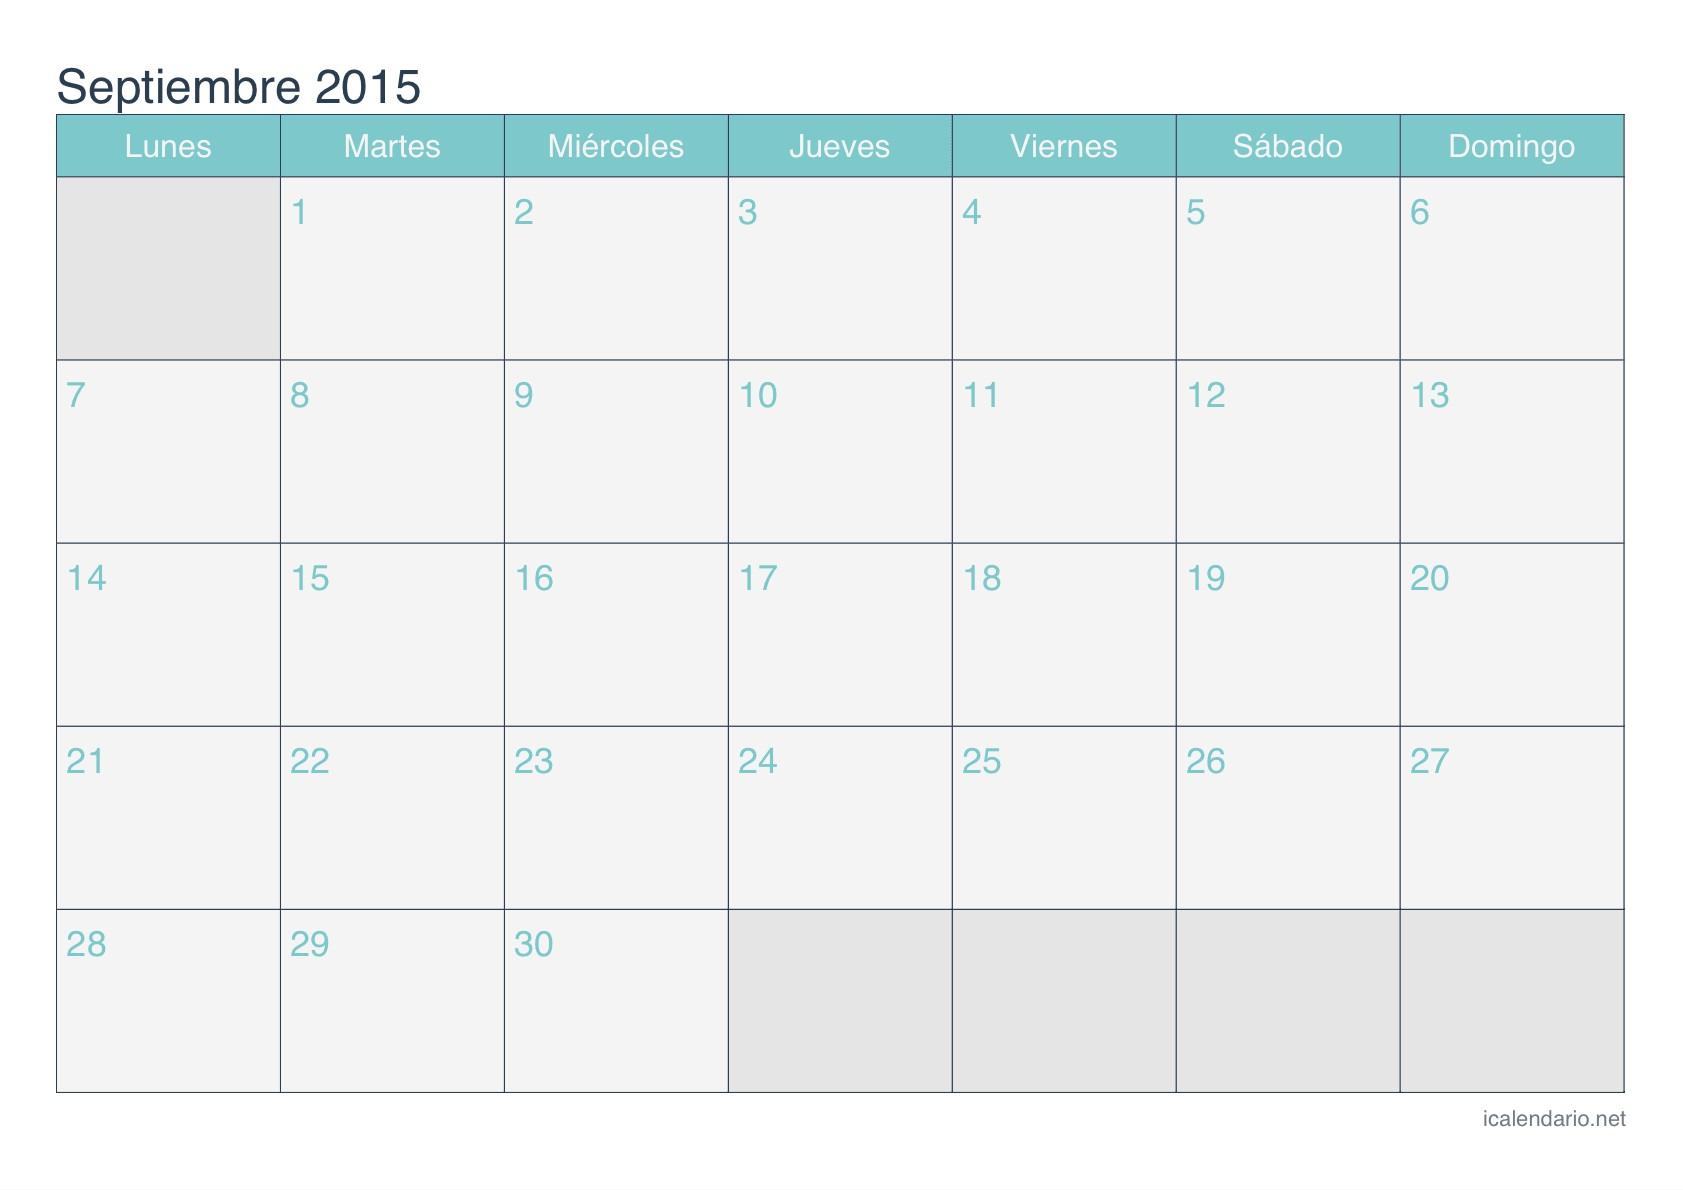 Calendario 2019 Chile Para Imprimir Más Recientes Calendario Octubre 2015 Para Imprimir 2017 Vector Calendar In Of Calendario 2019 Chile Para Imprimir Recientes Calendario 8 Agosto ☼ Calendario Pinterest